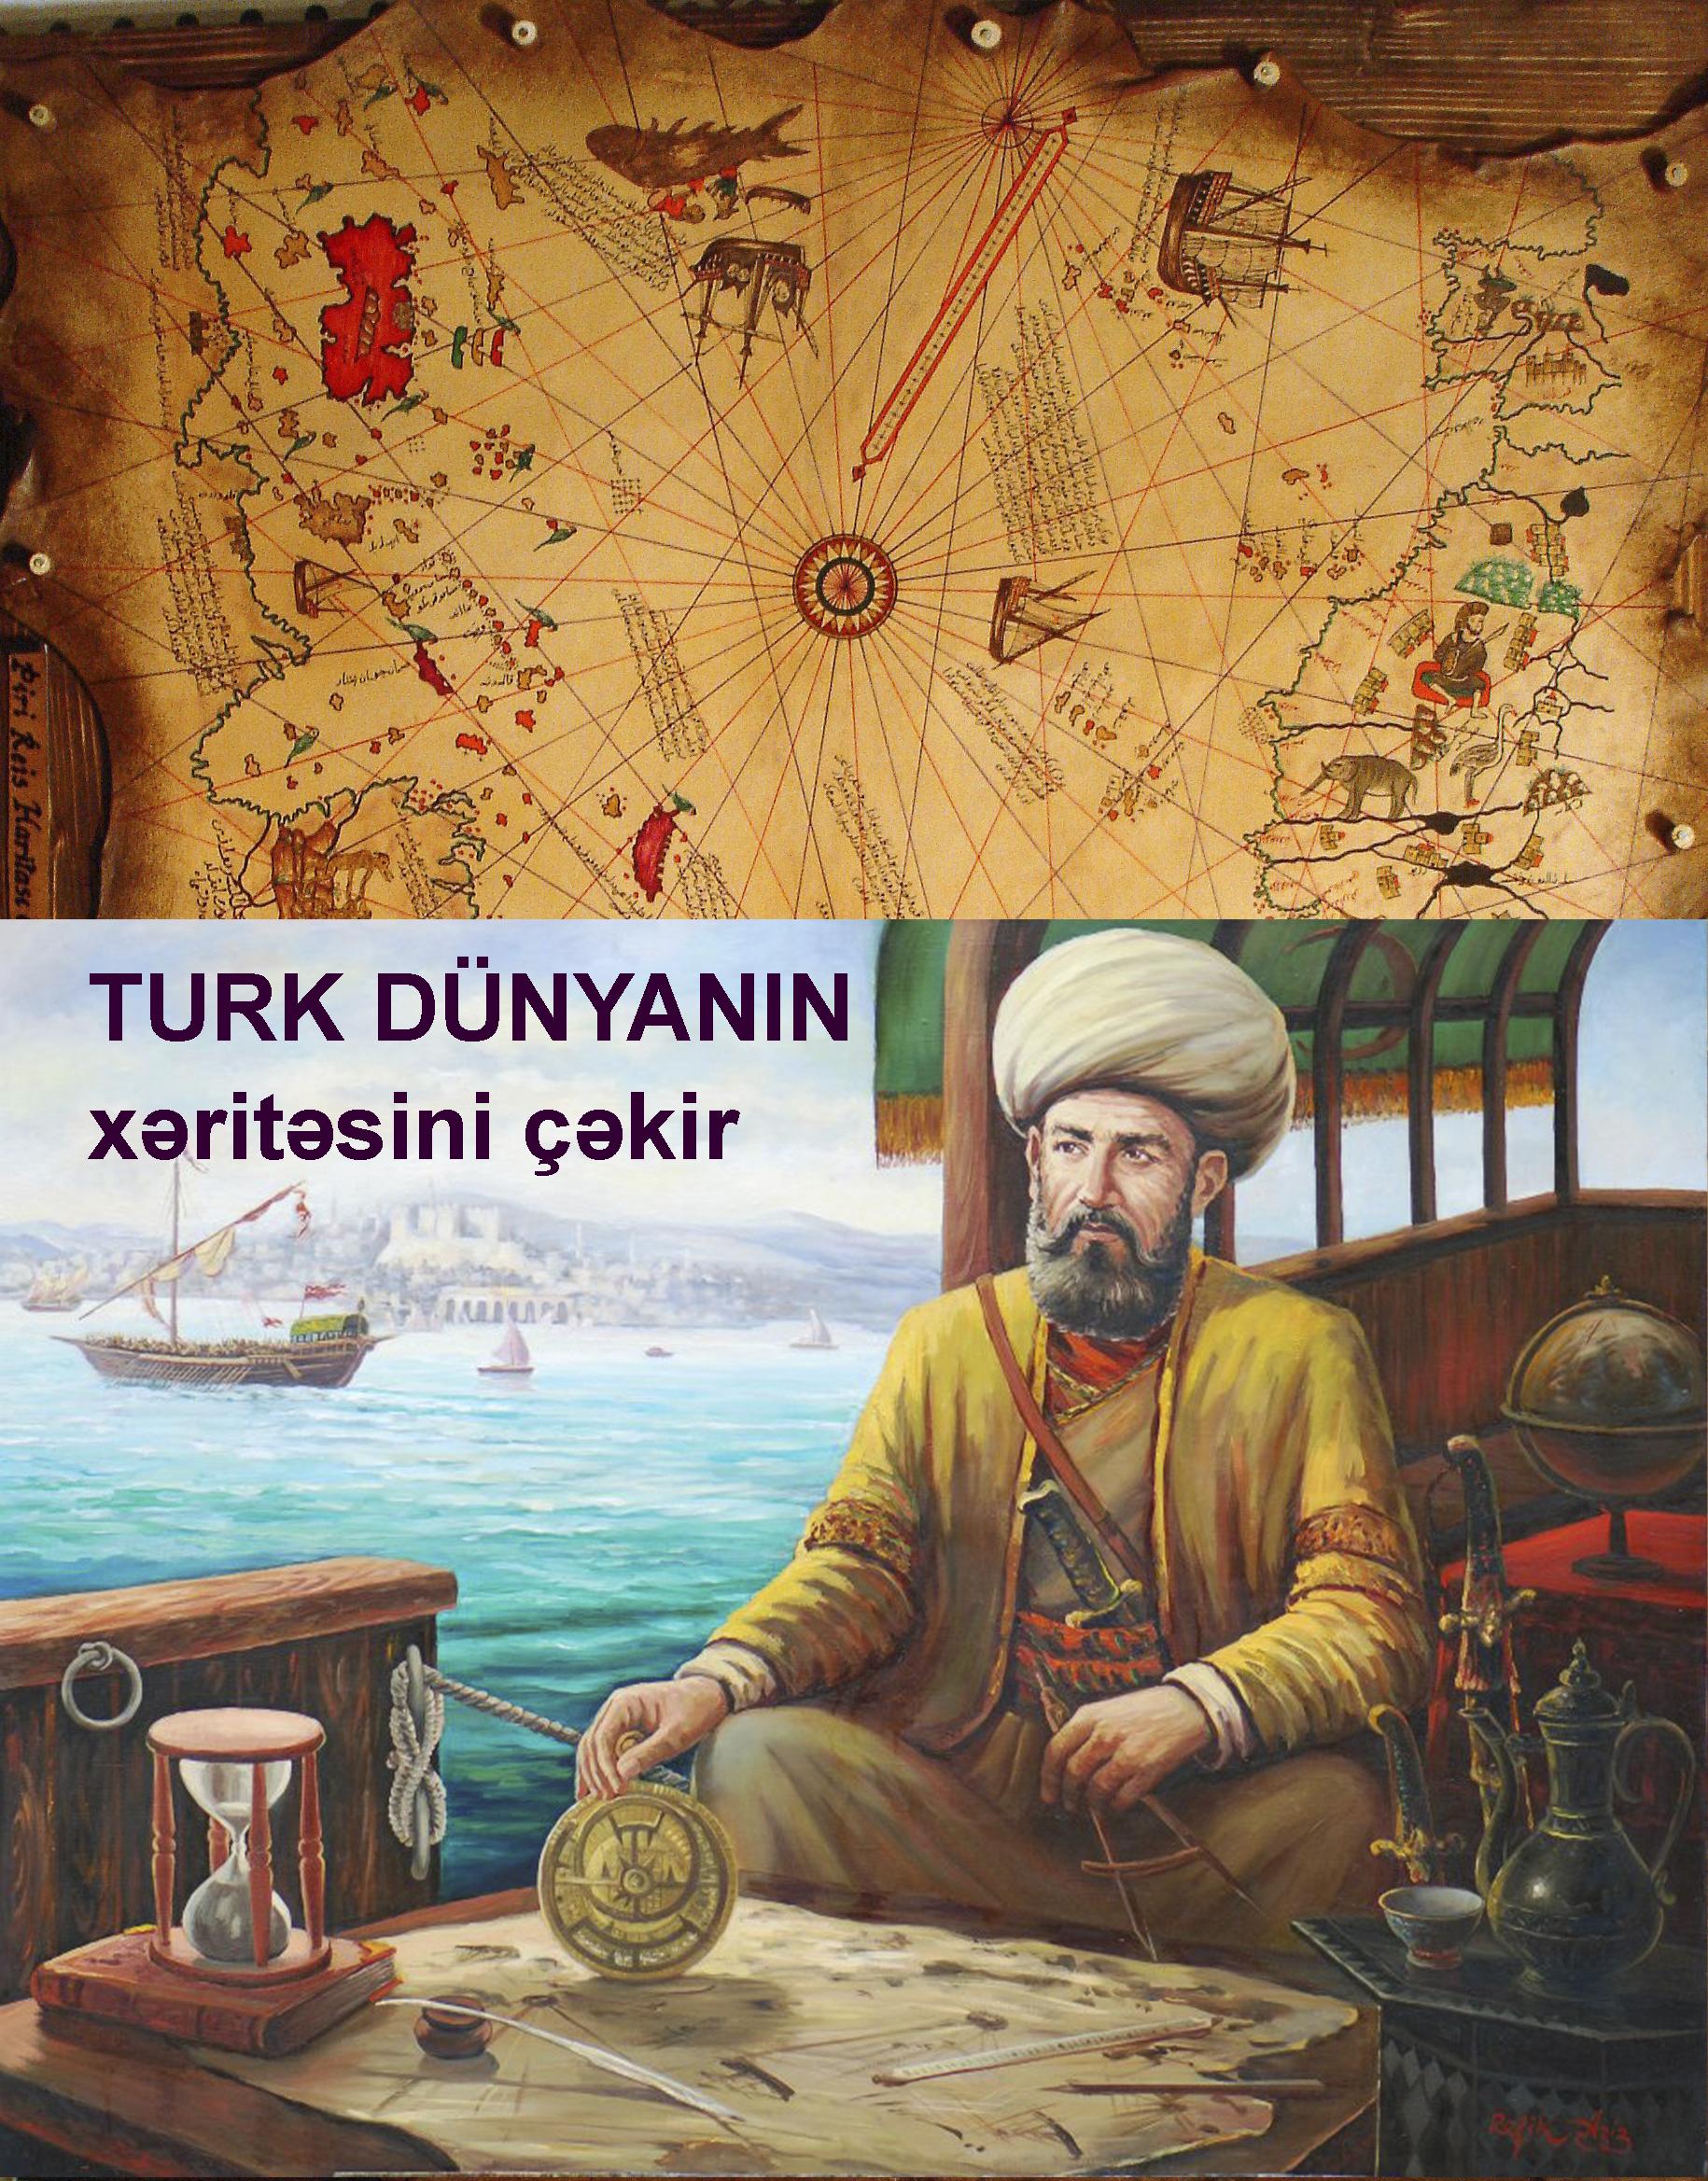 Türk Dünyanın xəritəsini çəkir